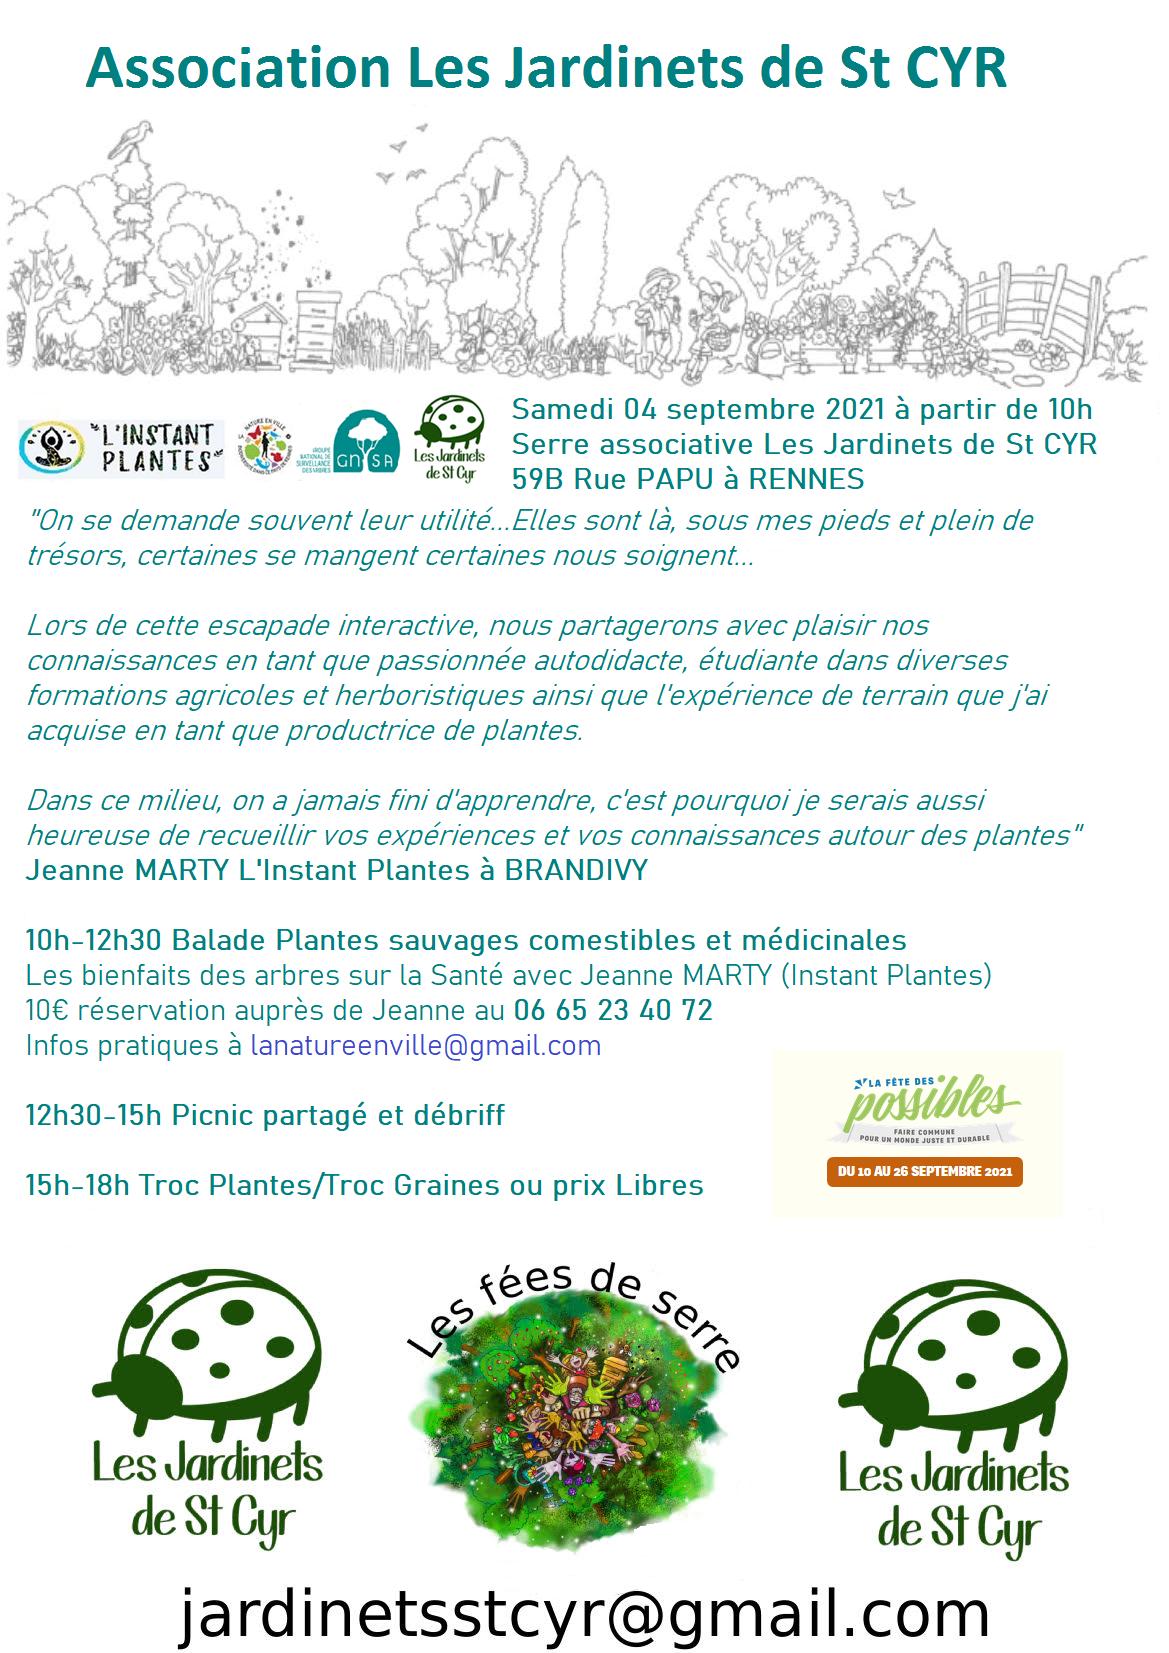 Troc Plantes: Troc graines/Prix Libres